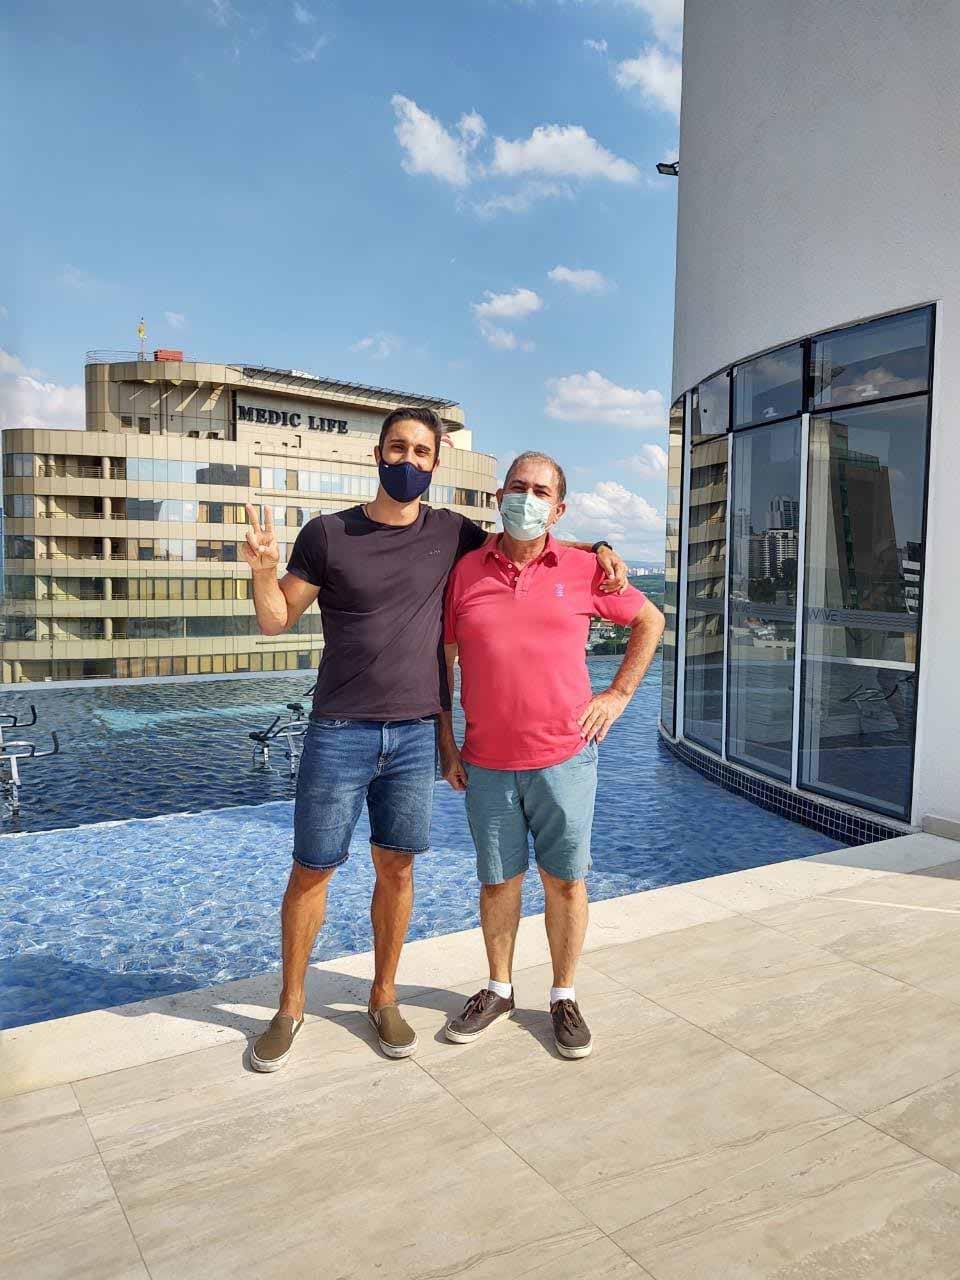 filho e pai beira piscina prédio